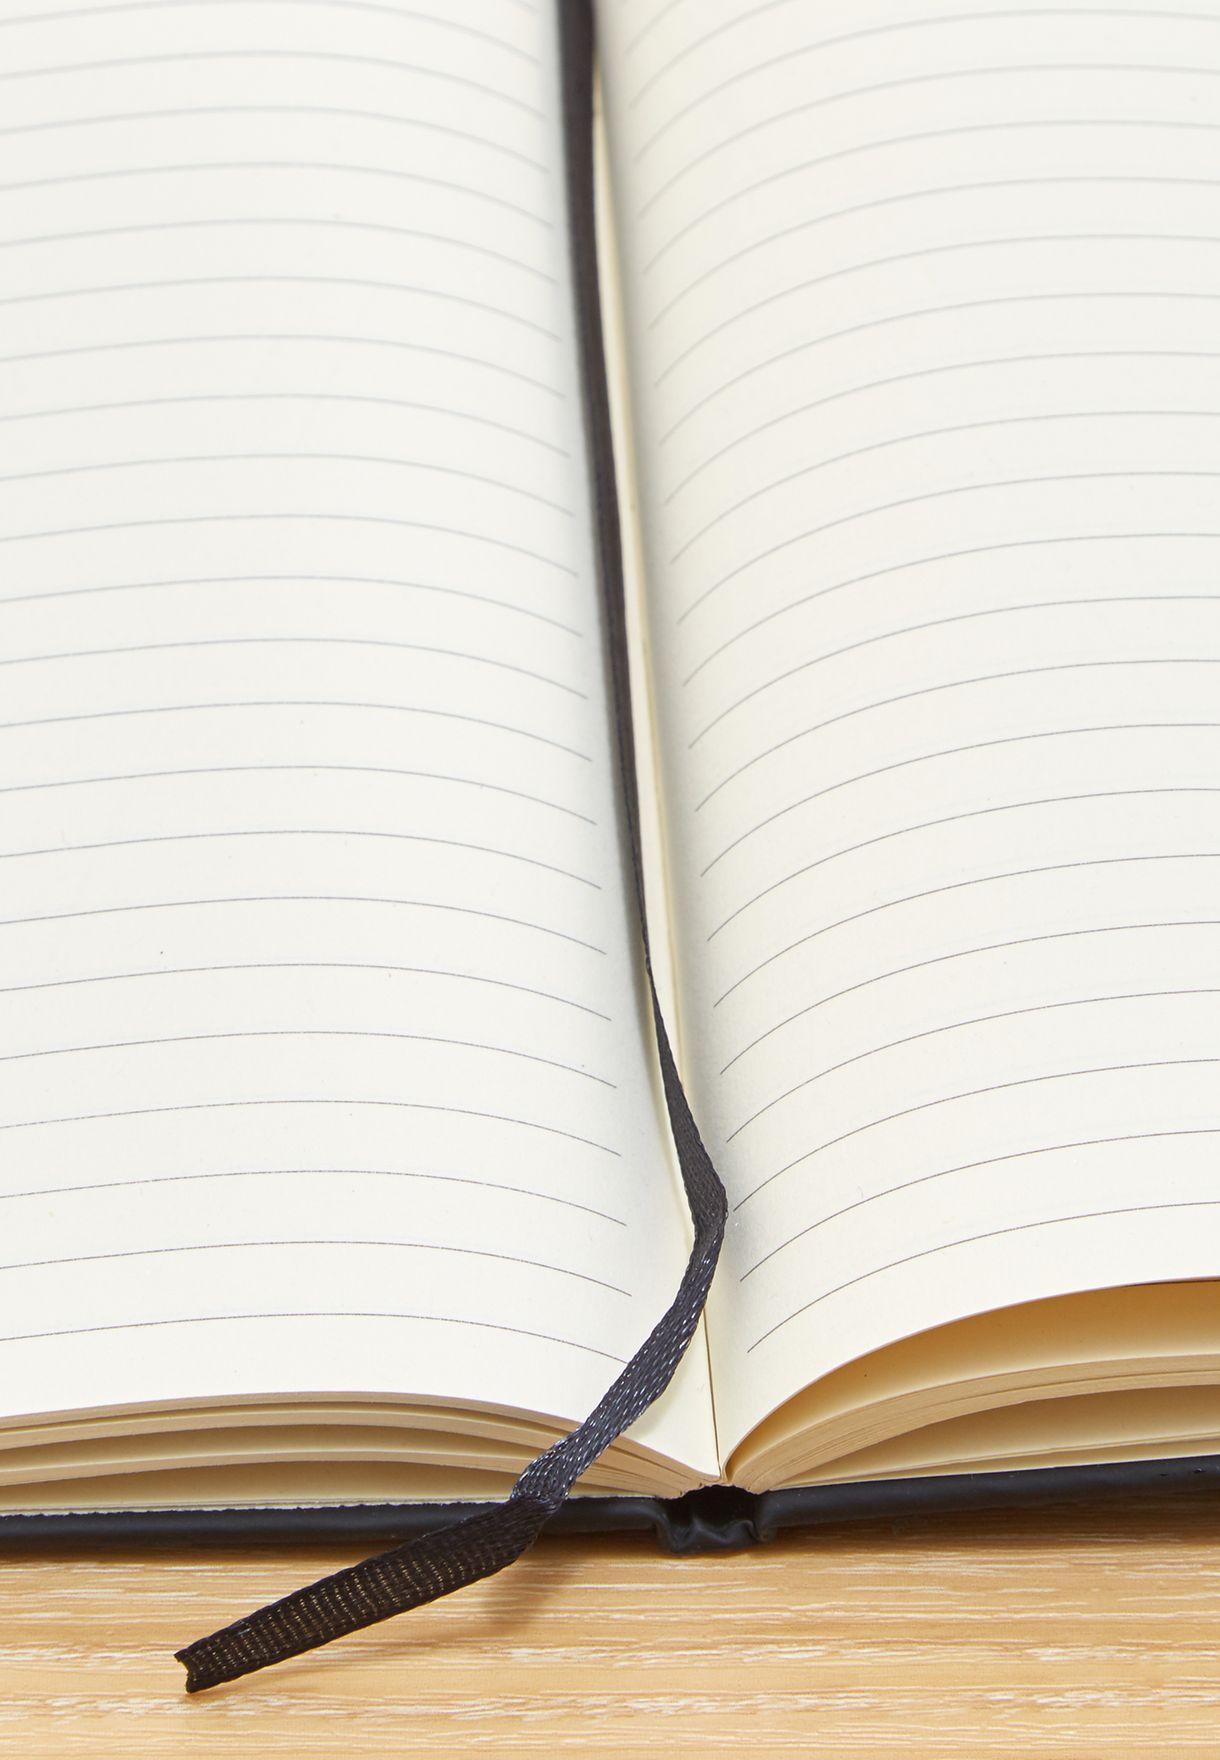 دفتر ملاحظات A5 بغلاف مقوى